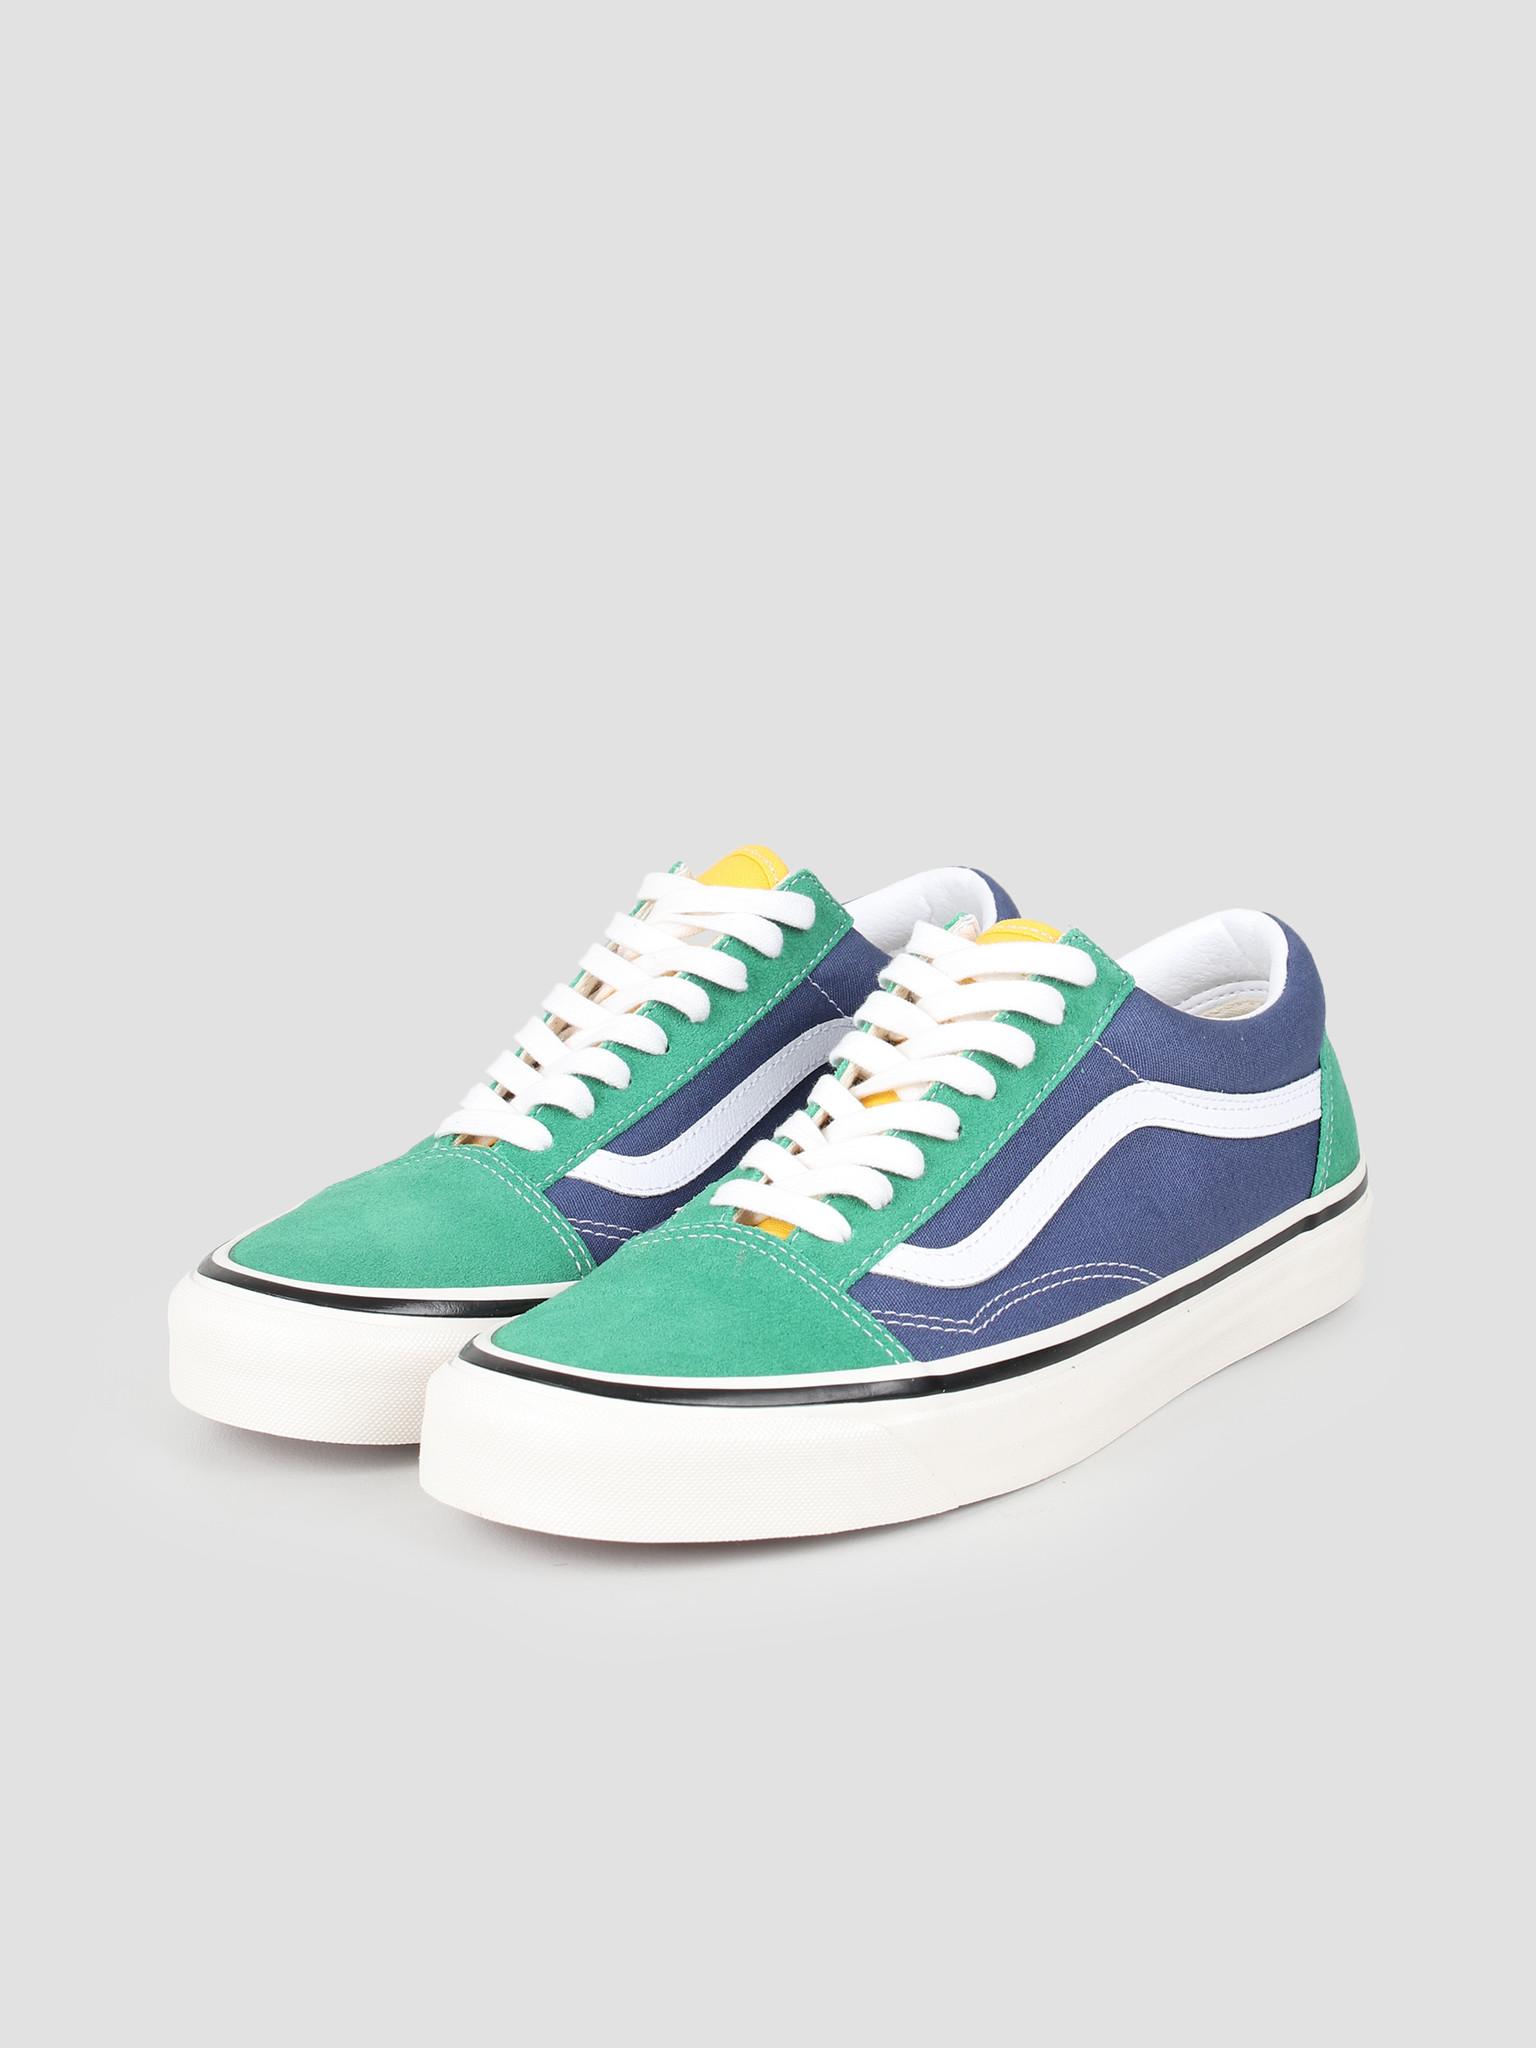 Vans Vans UA Old Skool 36 DX Anaheim Factory OG Emerald OG Navy VN0A38G2VZQ1